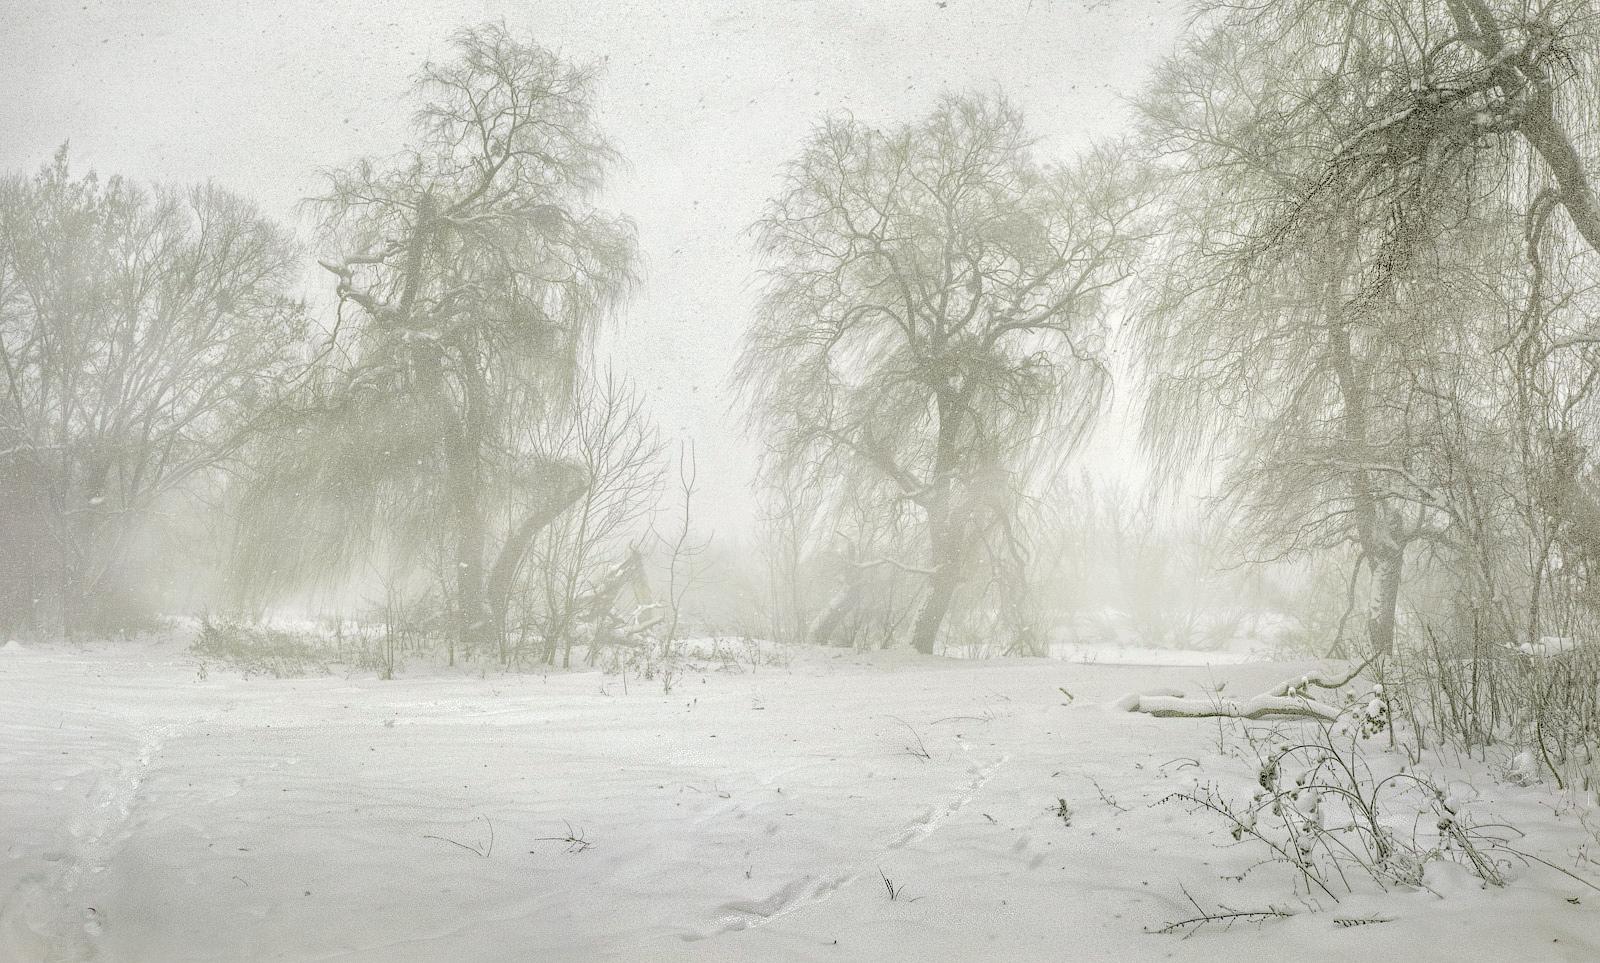 словам близких картинки зимней метели вьюги пурги подарки